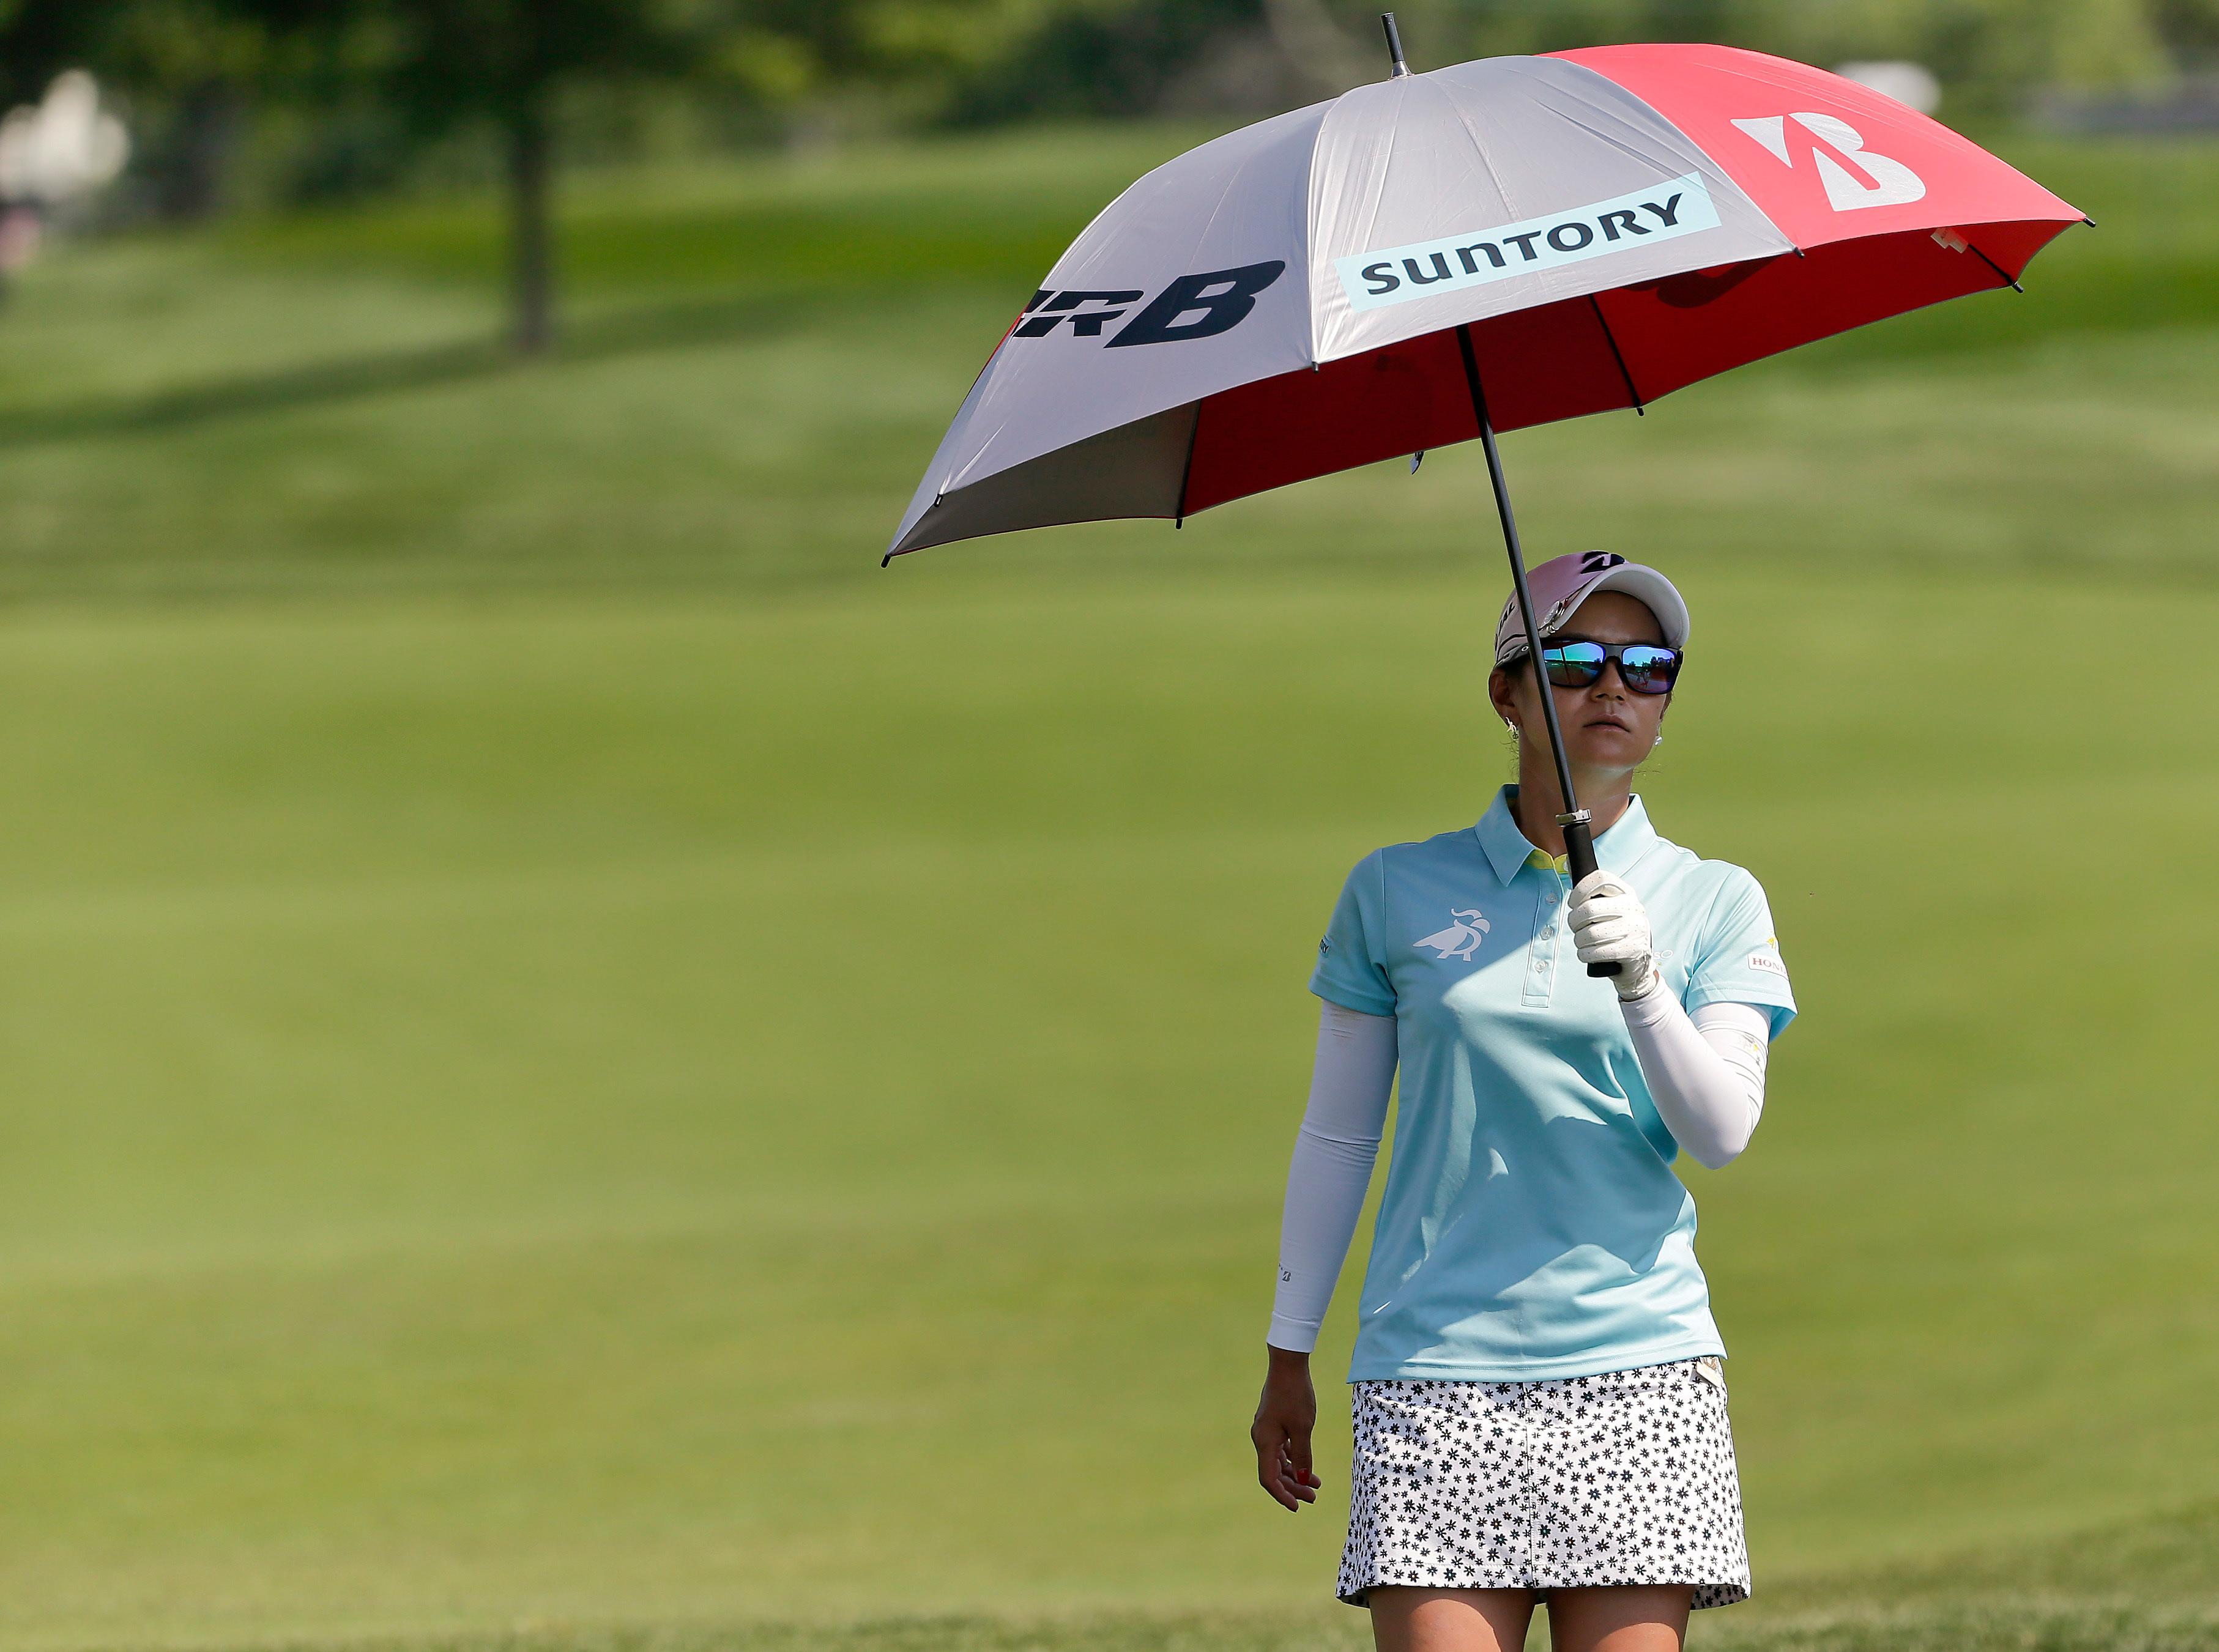 La japonesa Ai Miyazato camina hacia el hoyo 15 en su minifalda durante el U.S. Women's Open. Foto AP.